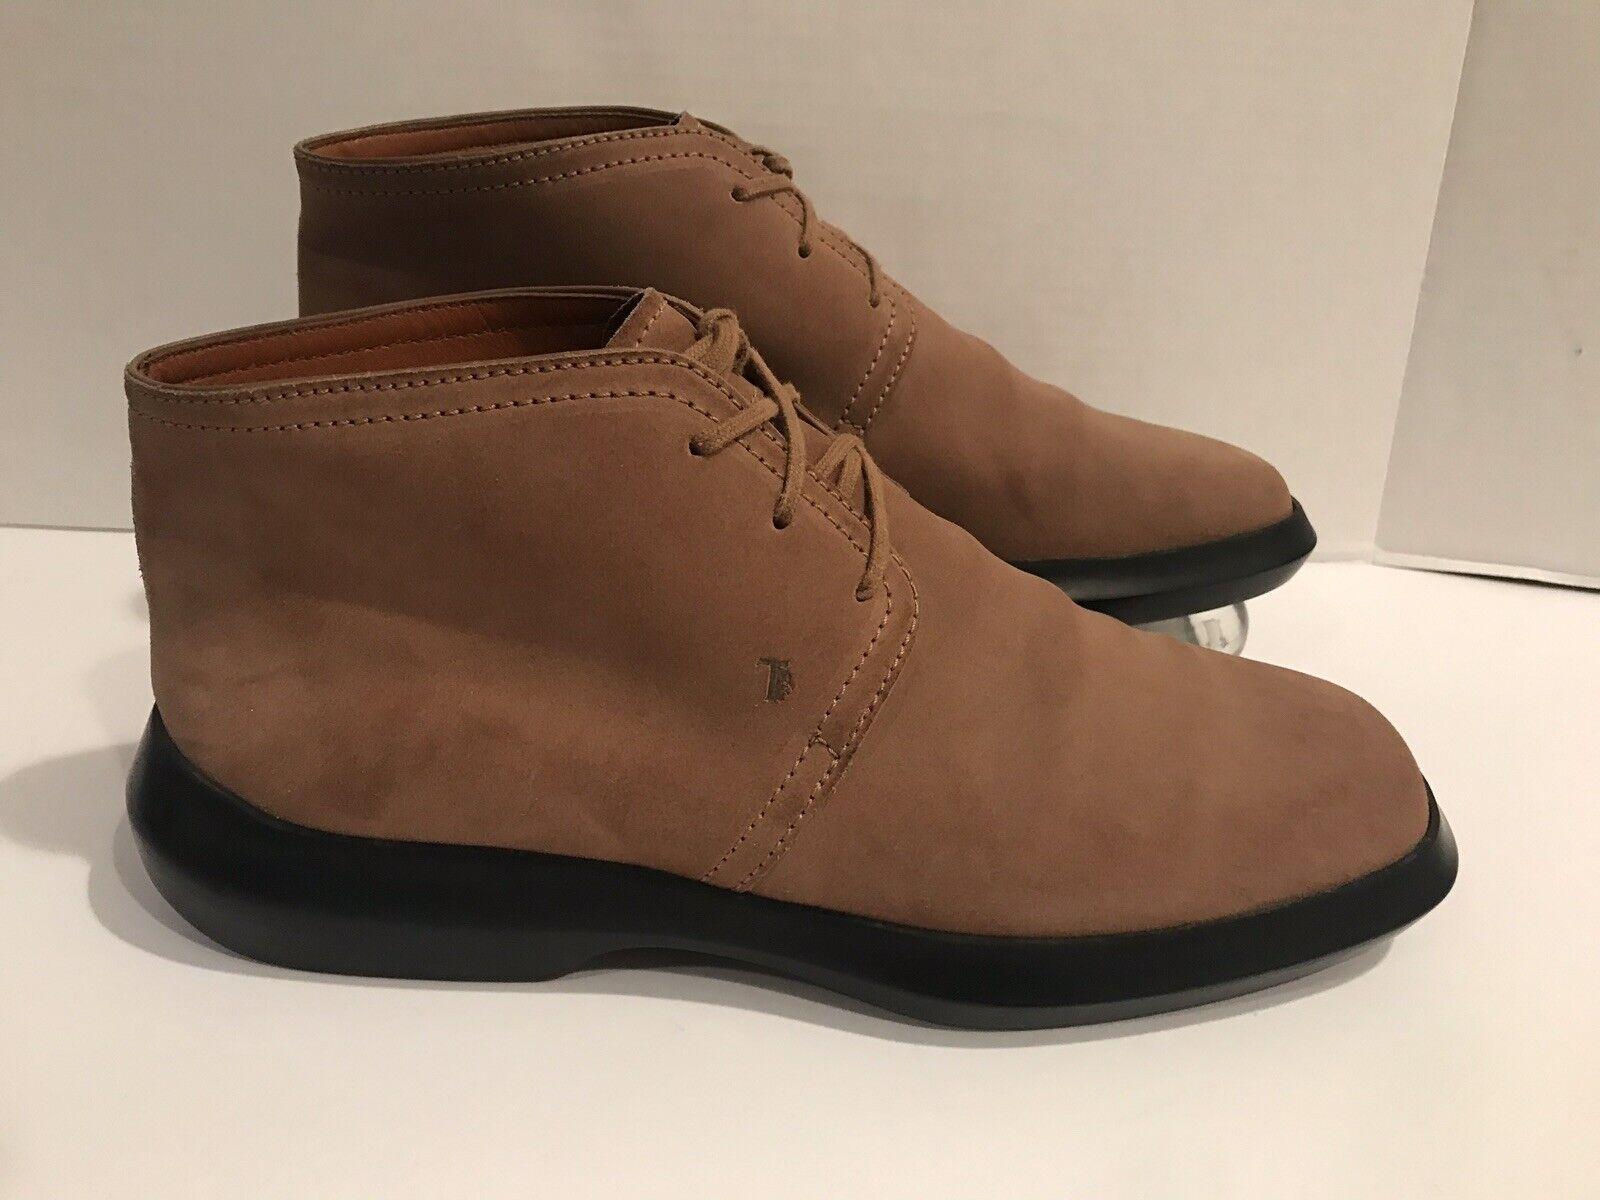 Tods Piel ante Marrón Botines con Cordones Zapatos para Dama, Números 39.5 Eur